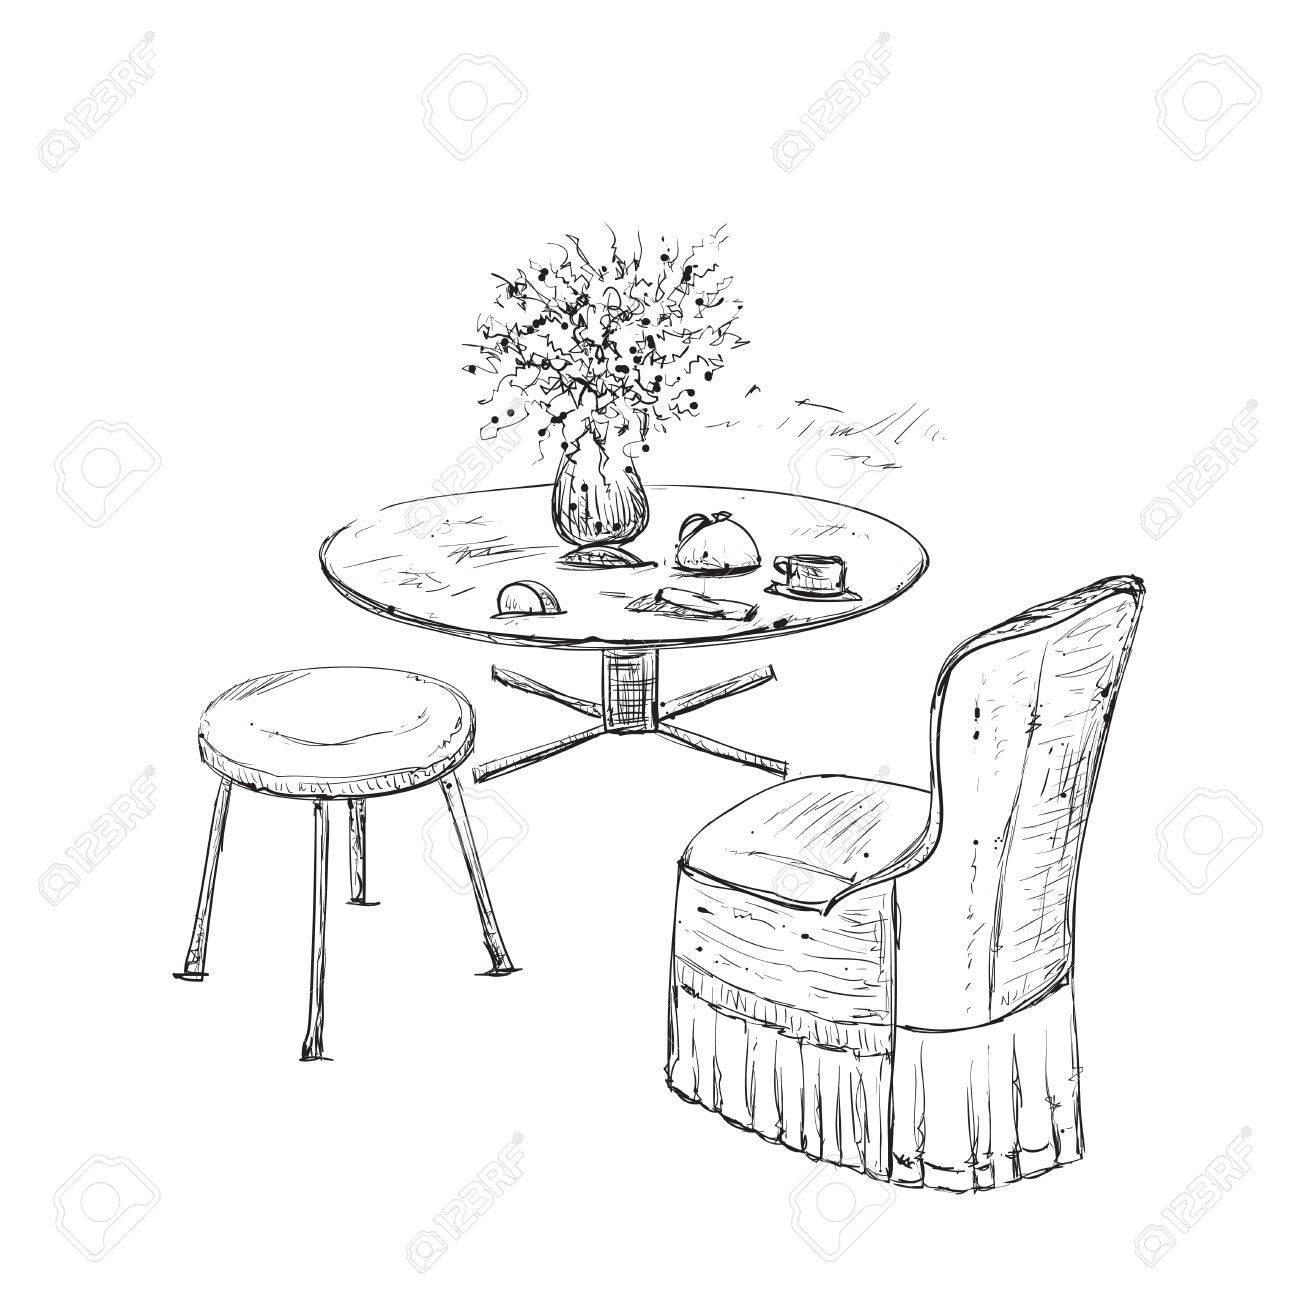 Tisch gezeichnet  Gedeckter Tisch Gezeichnet | jject.info